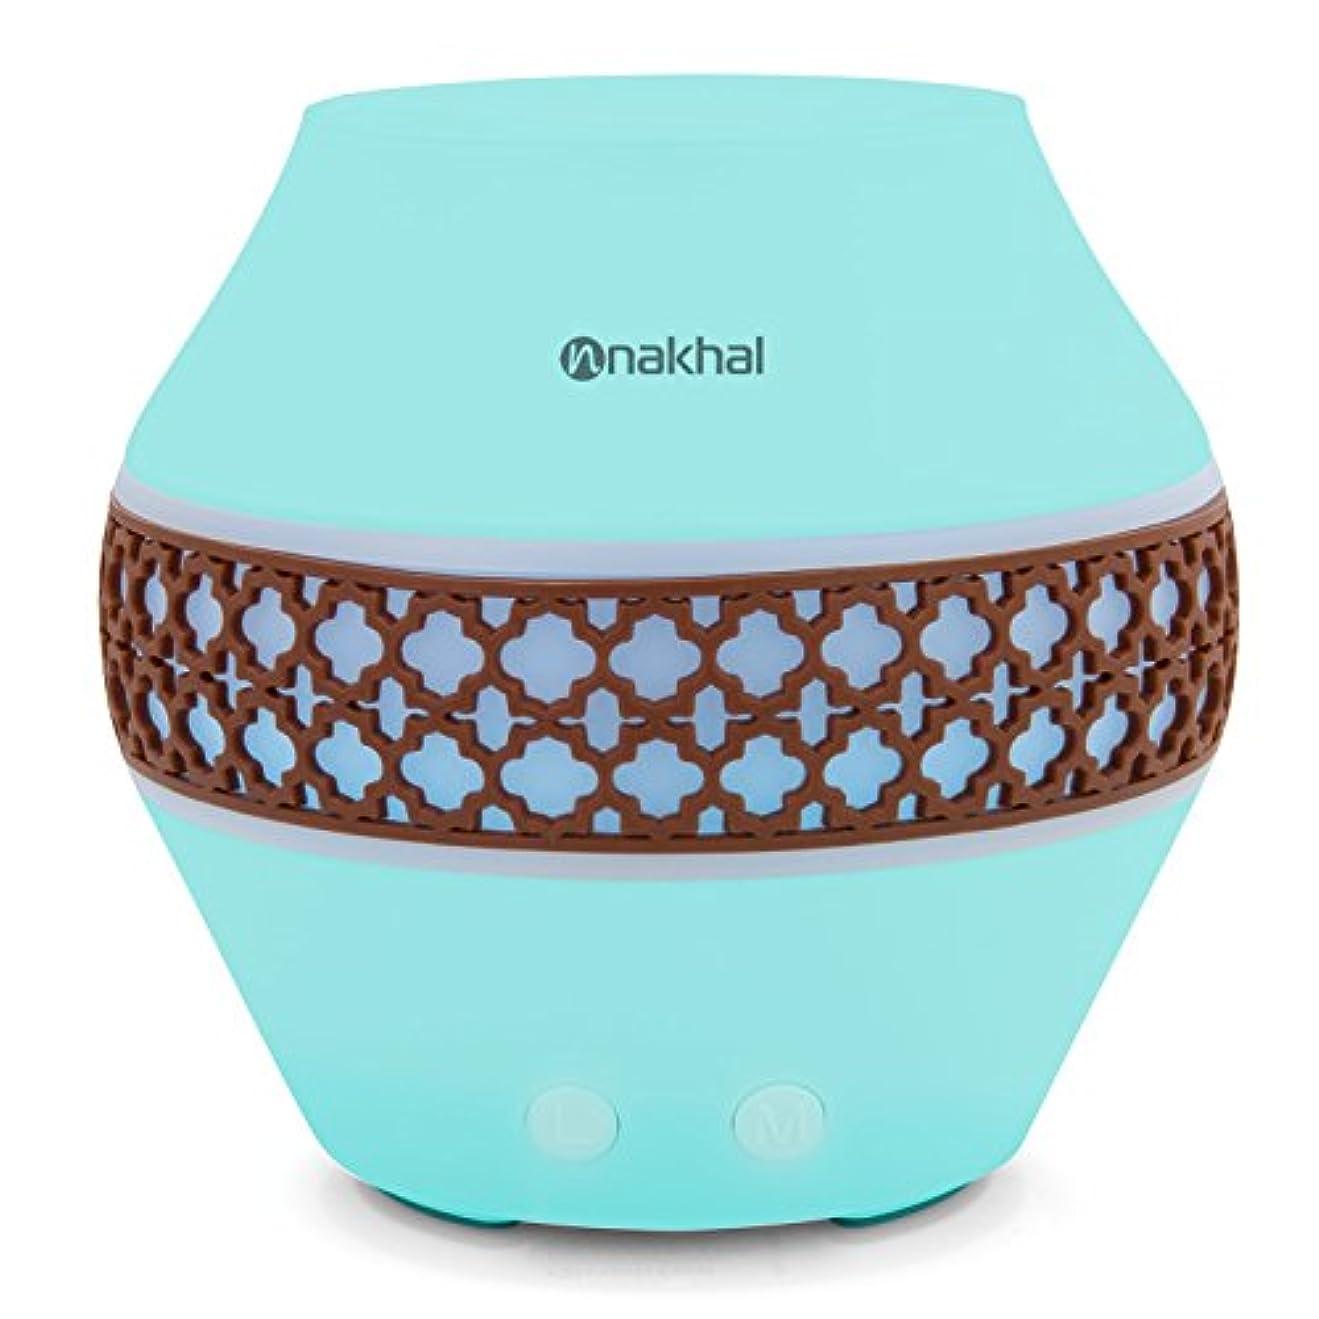 とげのある性別開発するNakhal 120 ml Aromatherapy Essential Oil Diffuser、超音波クールなミスト加湿器で7色LEDライト変更 – Classical